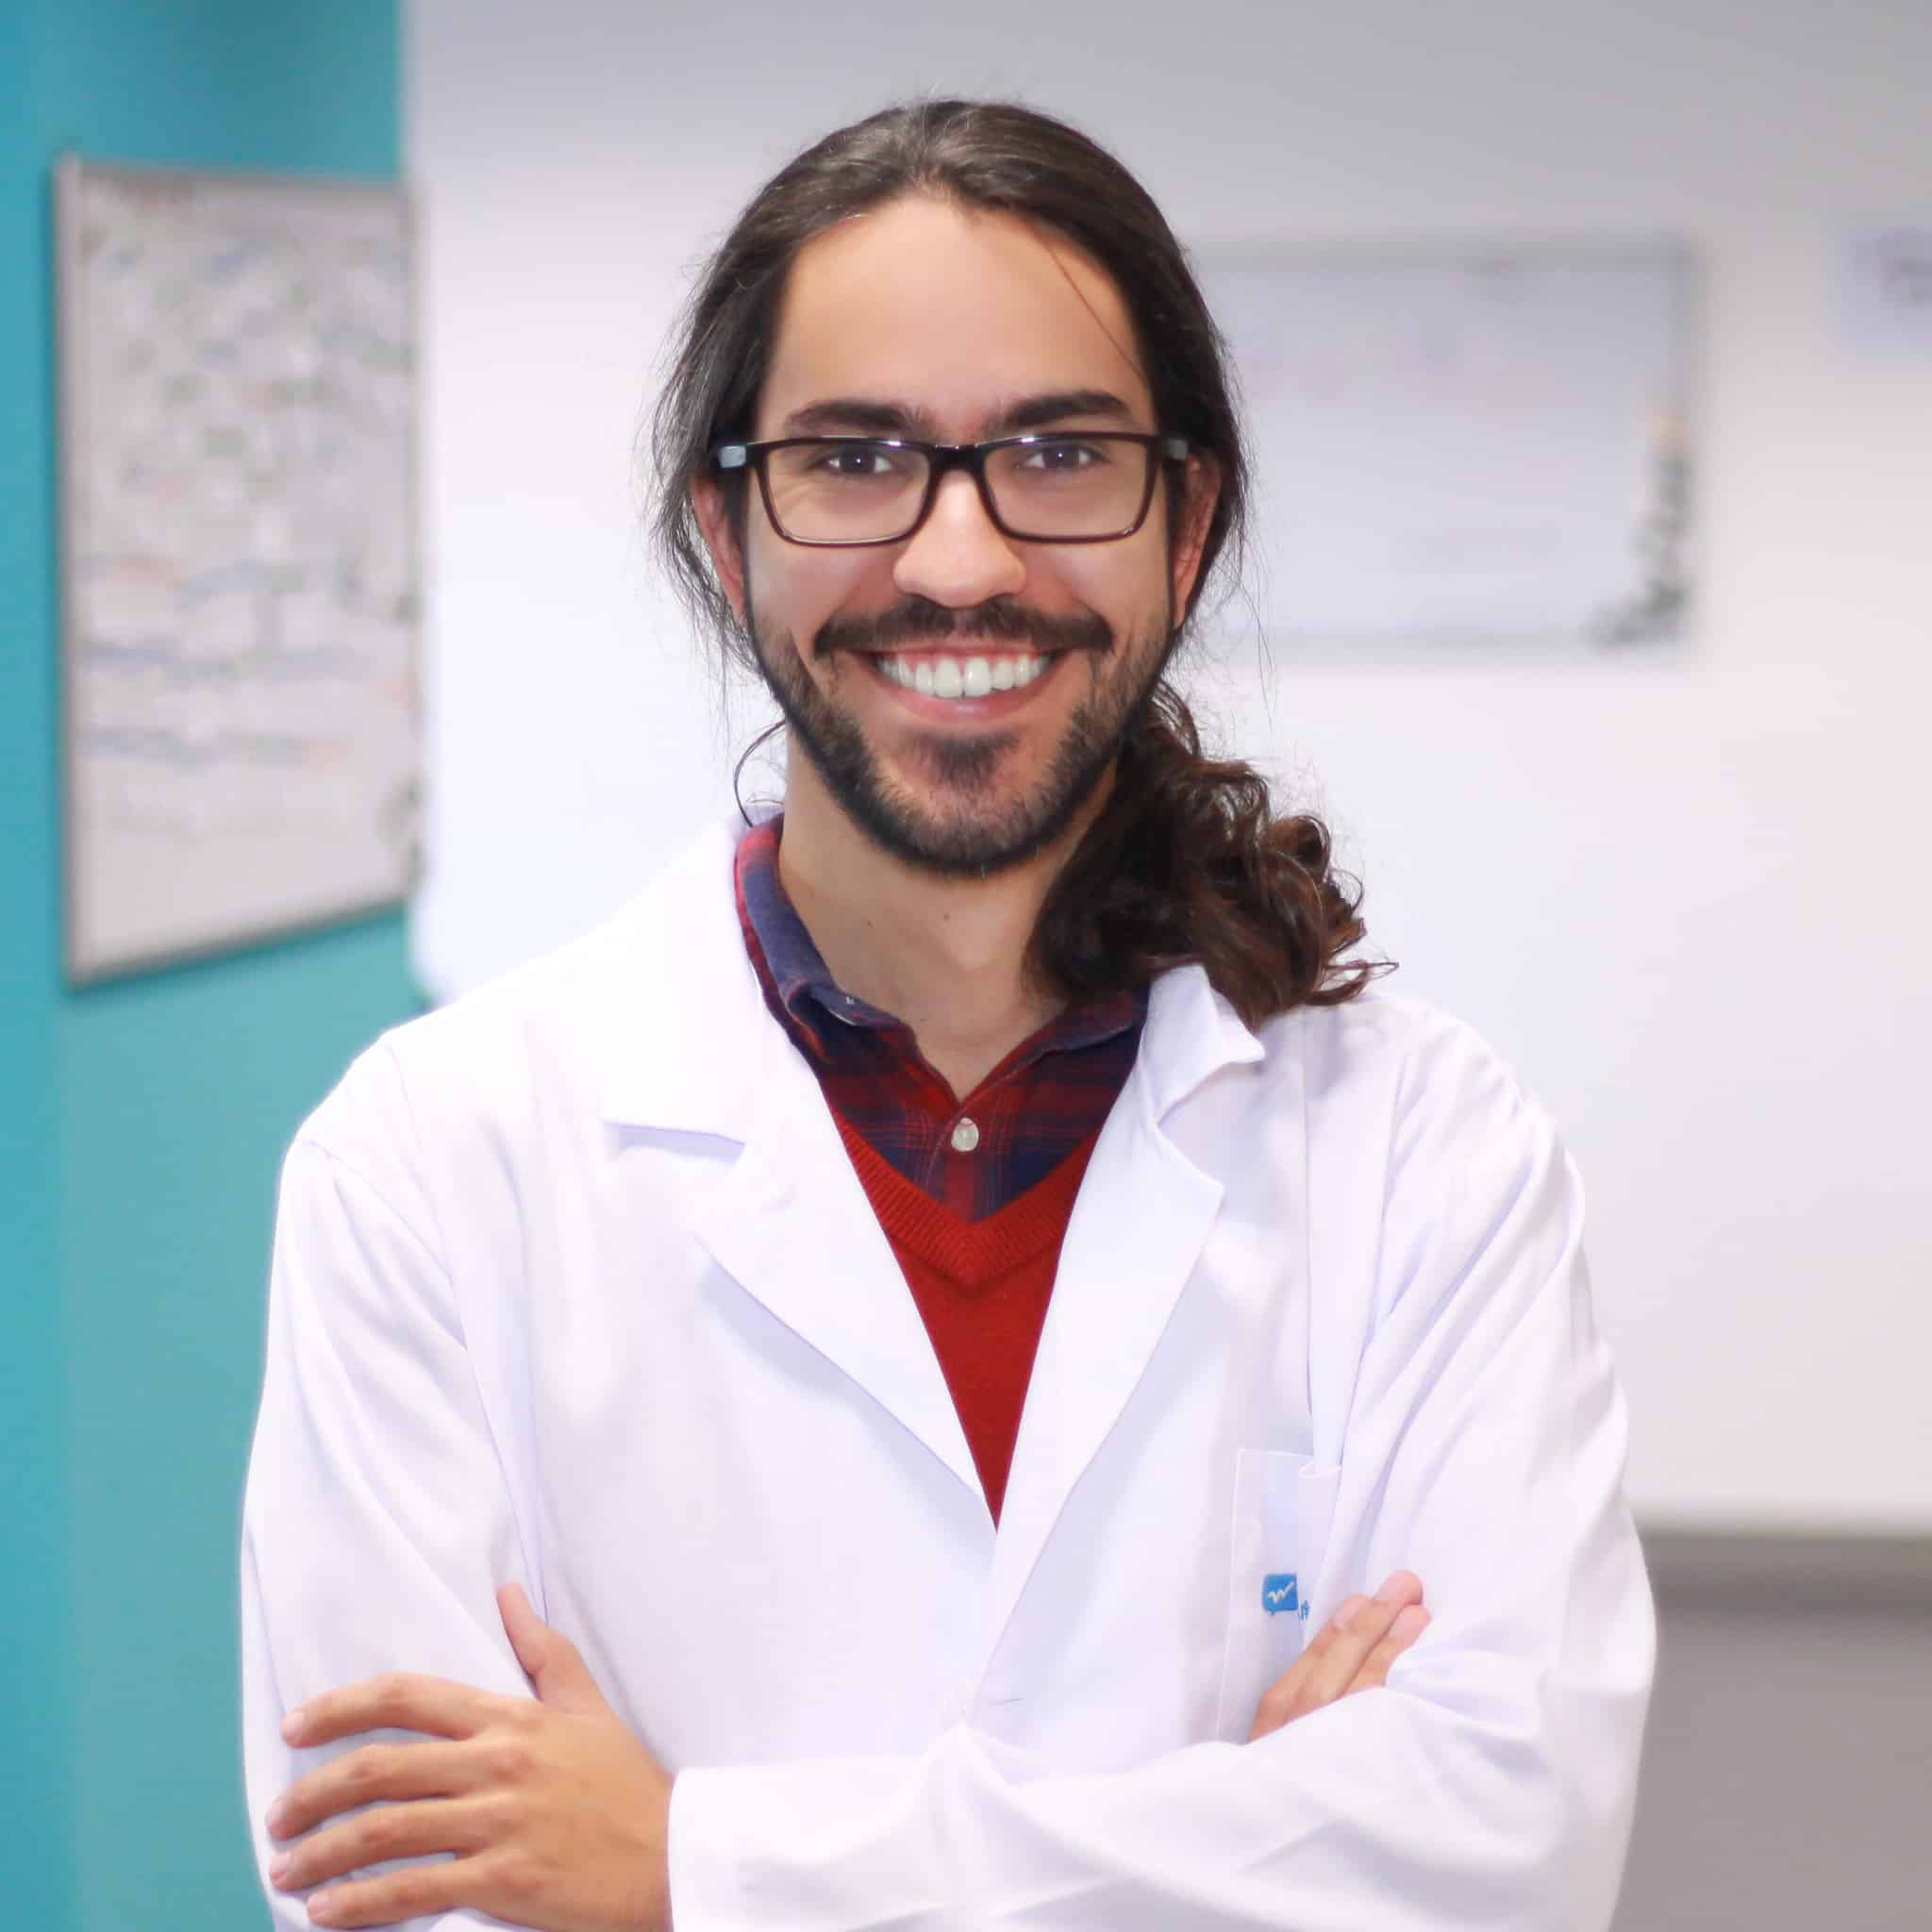 Pedro Contreiras